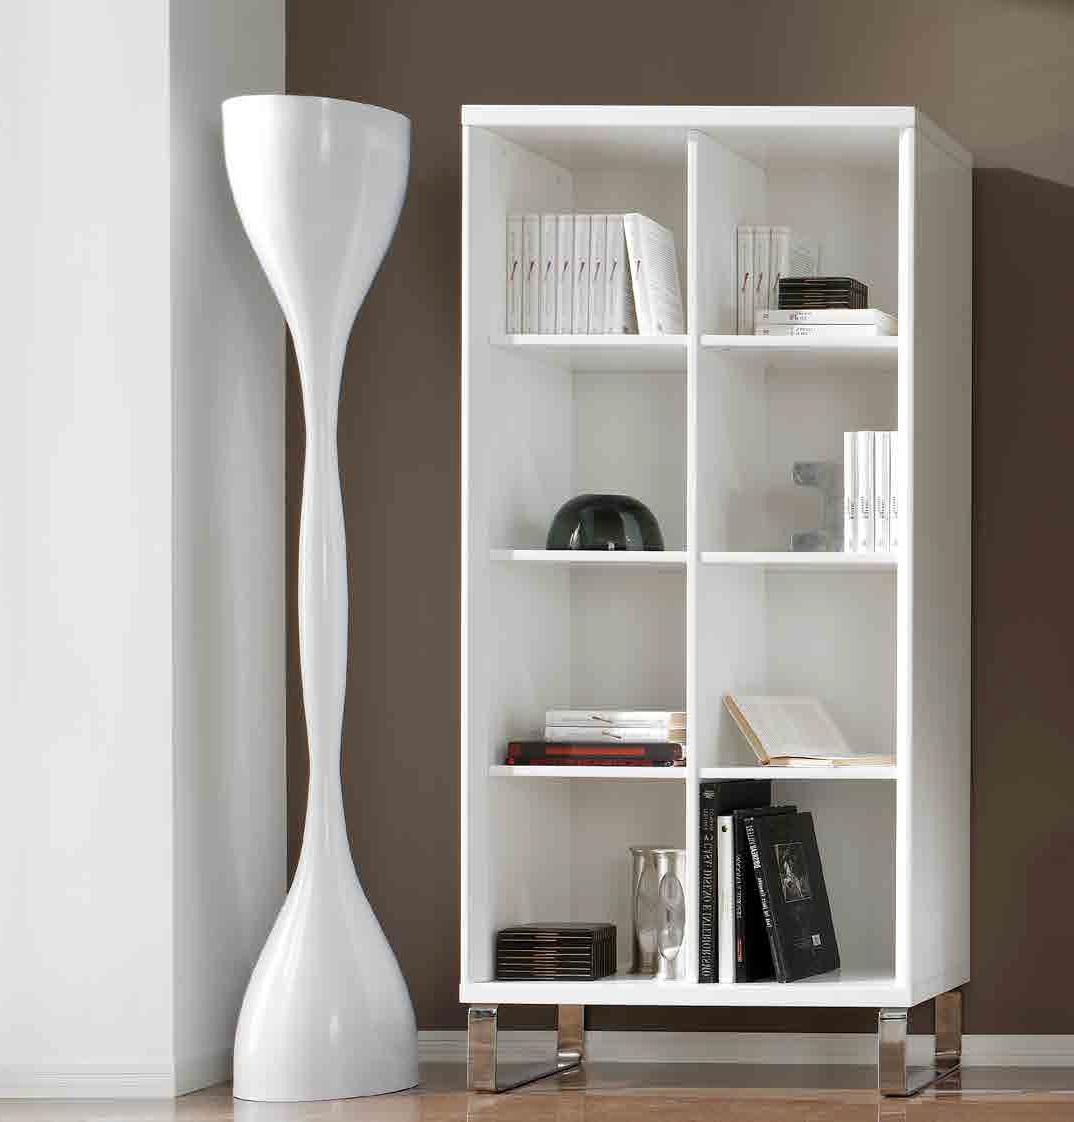 Promociones muebles xikara - Estanterias metalicas blancas ...